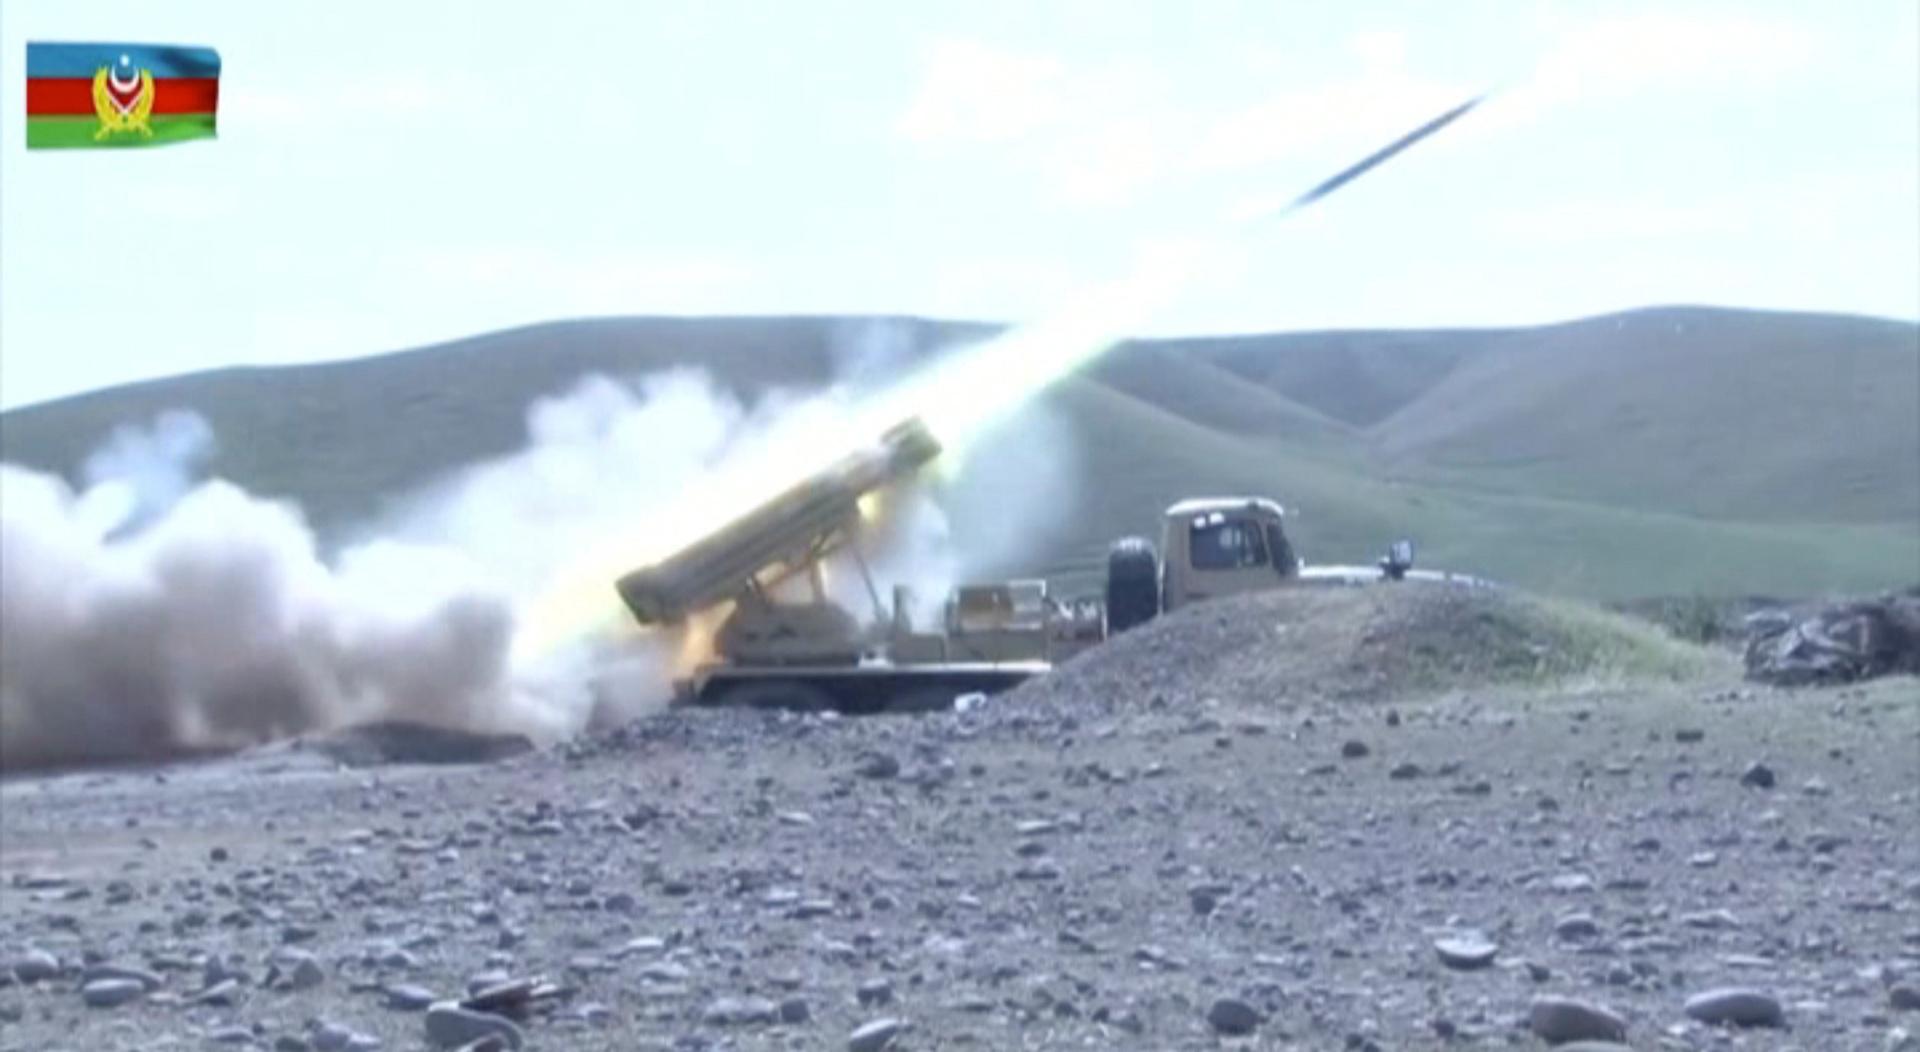 أذربيجان تعلن الاستيلاء على مرتفعات استراتيجية في قره باغ